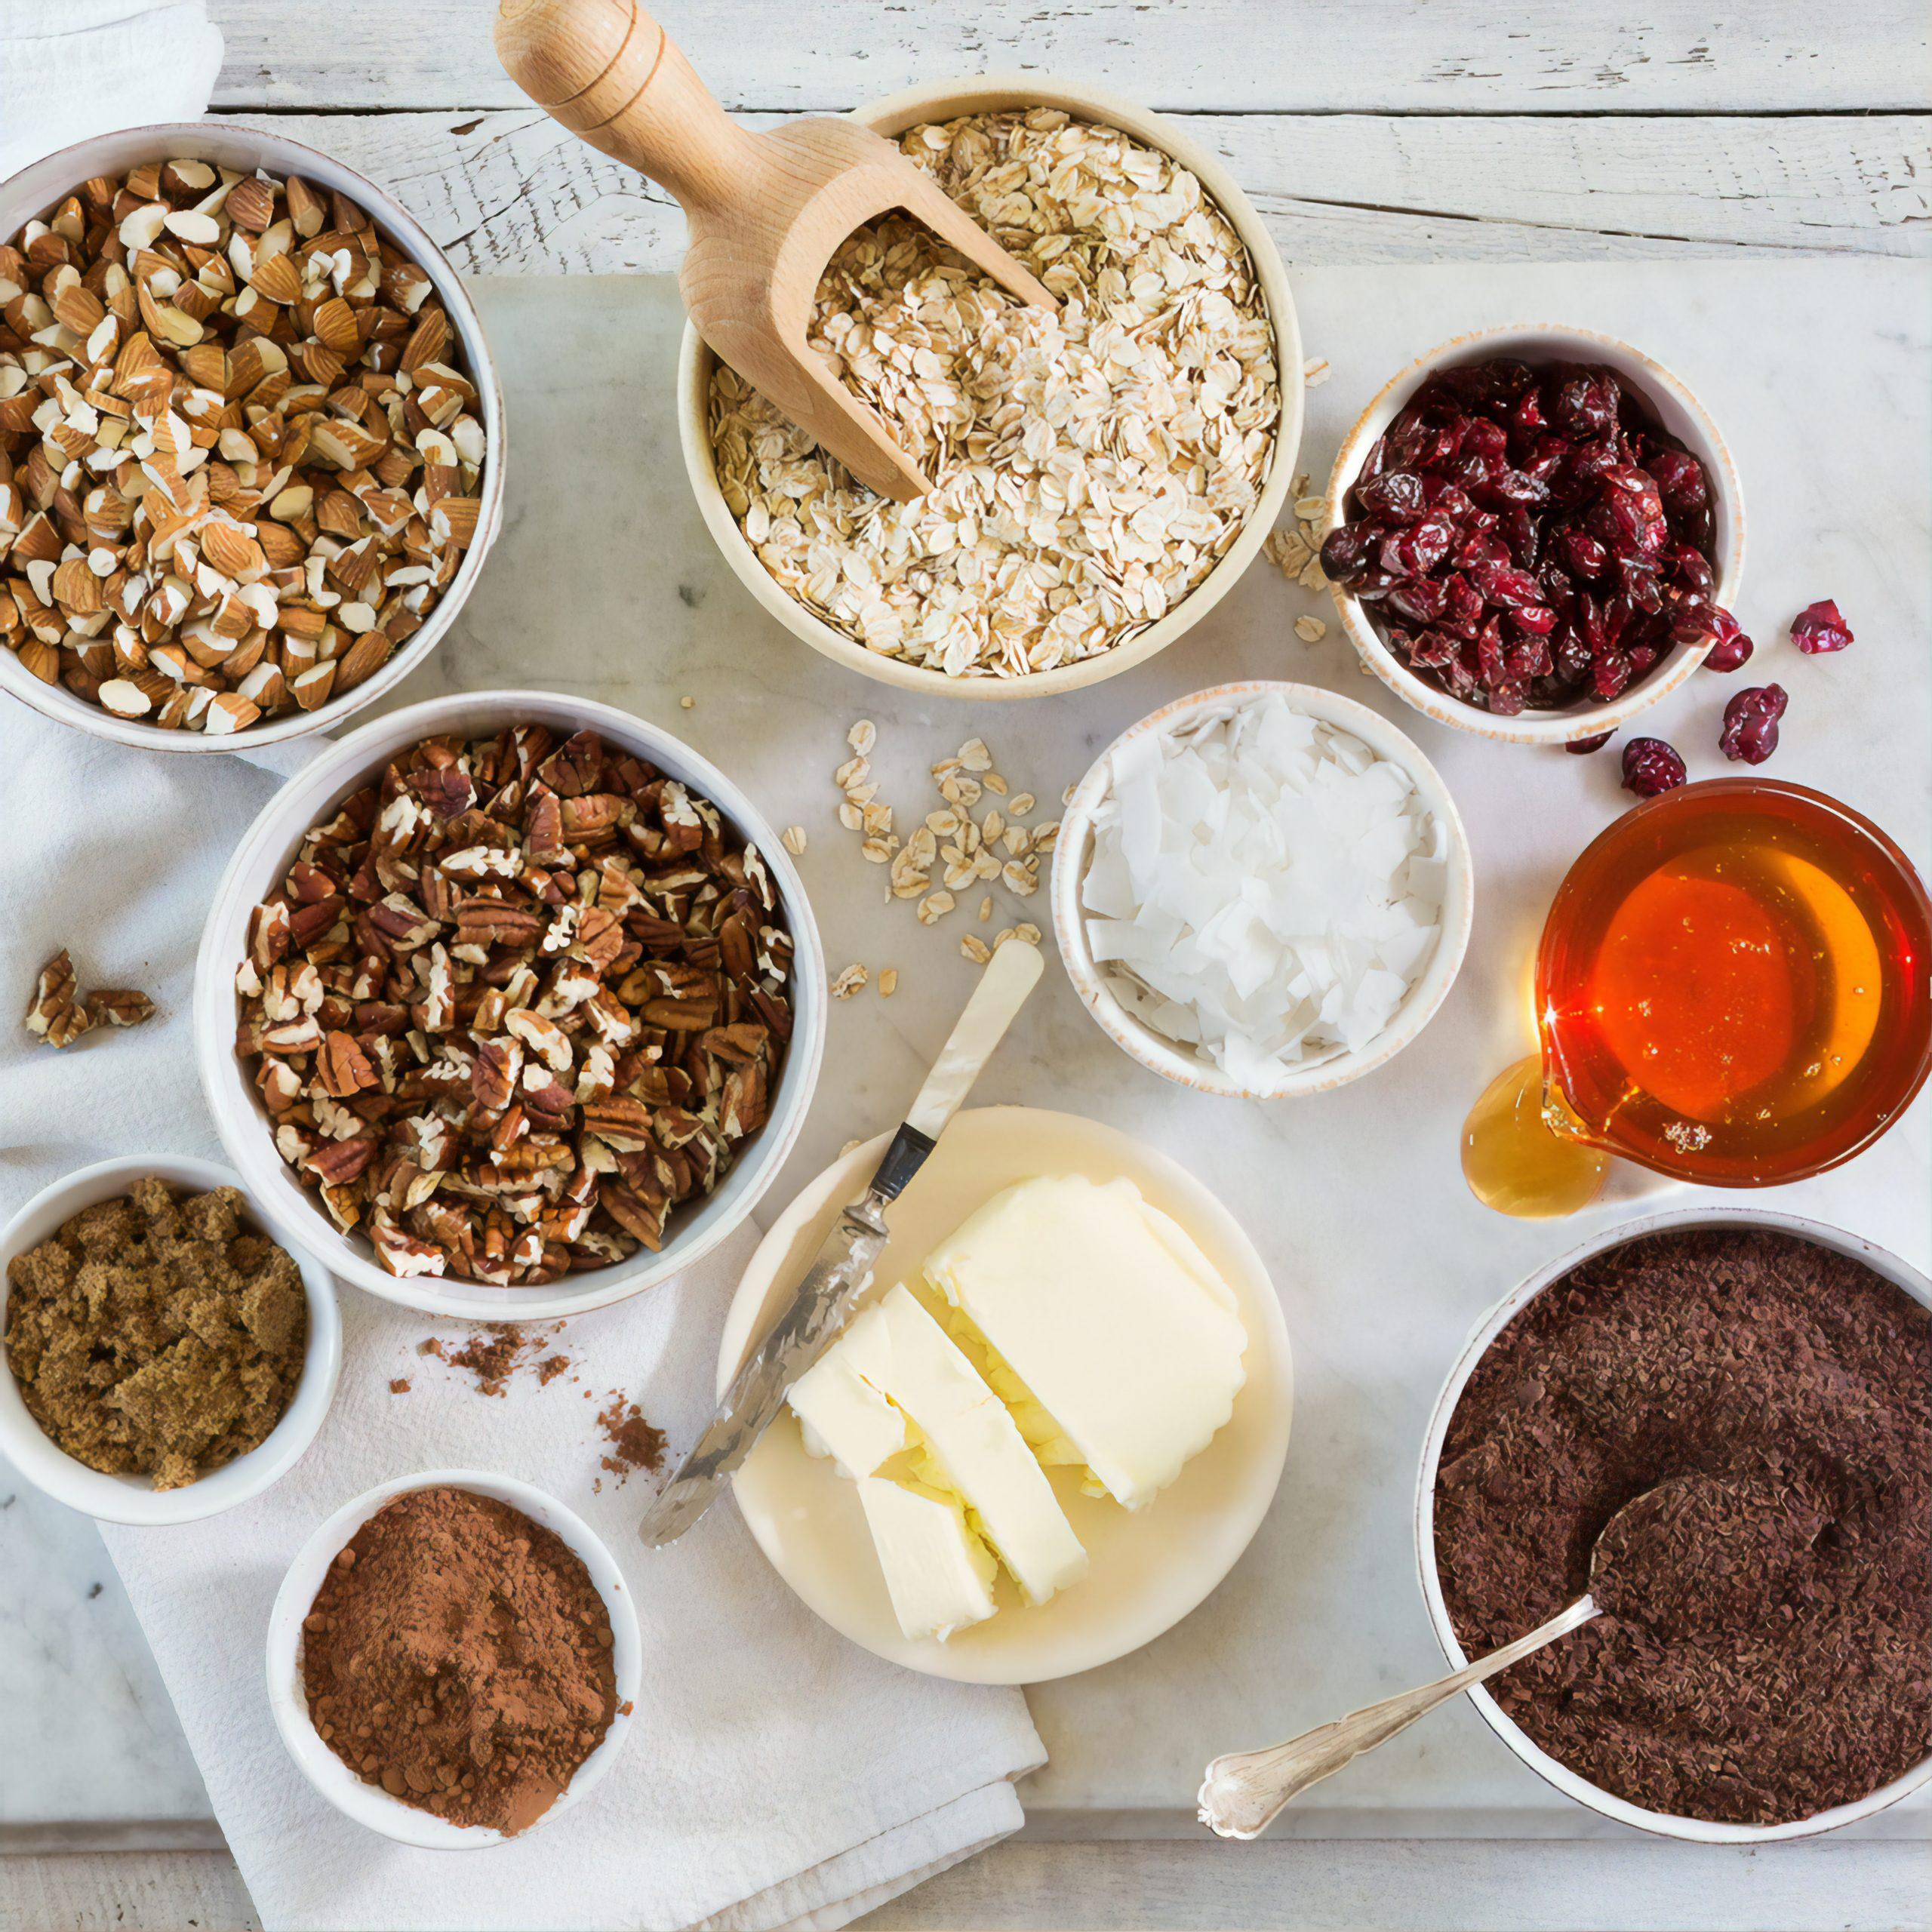 「食力 | 蘇楓雅專欄」烘焙時沒雞蛋怎麼辦?果泥、酪梨、豆腐等12種替代品幫你救急!